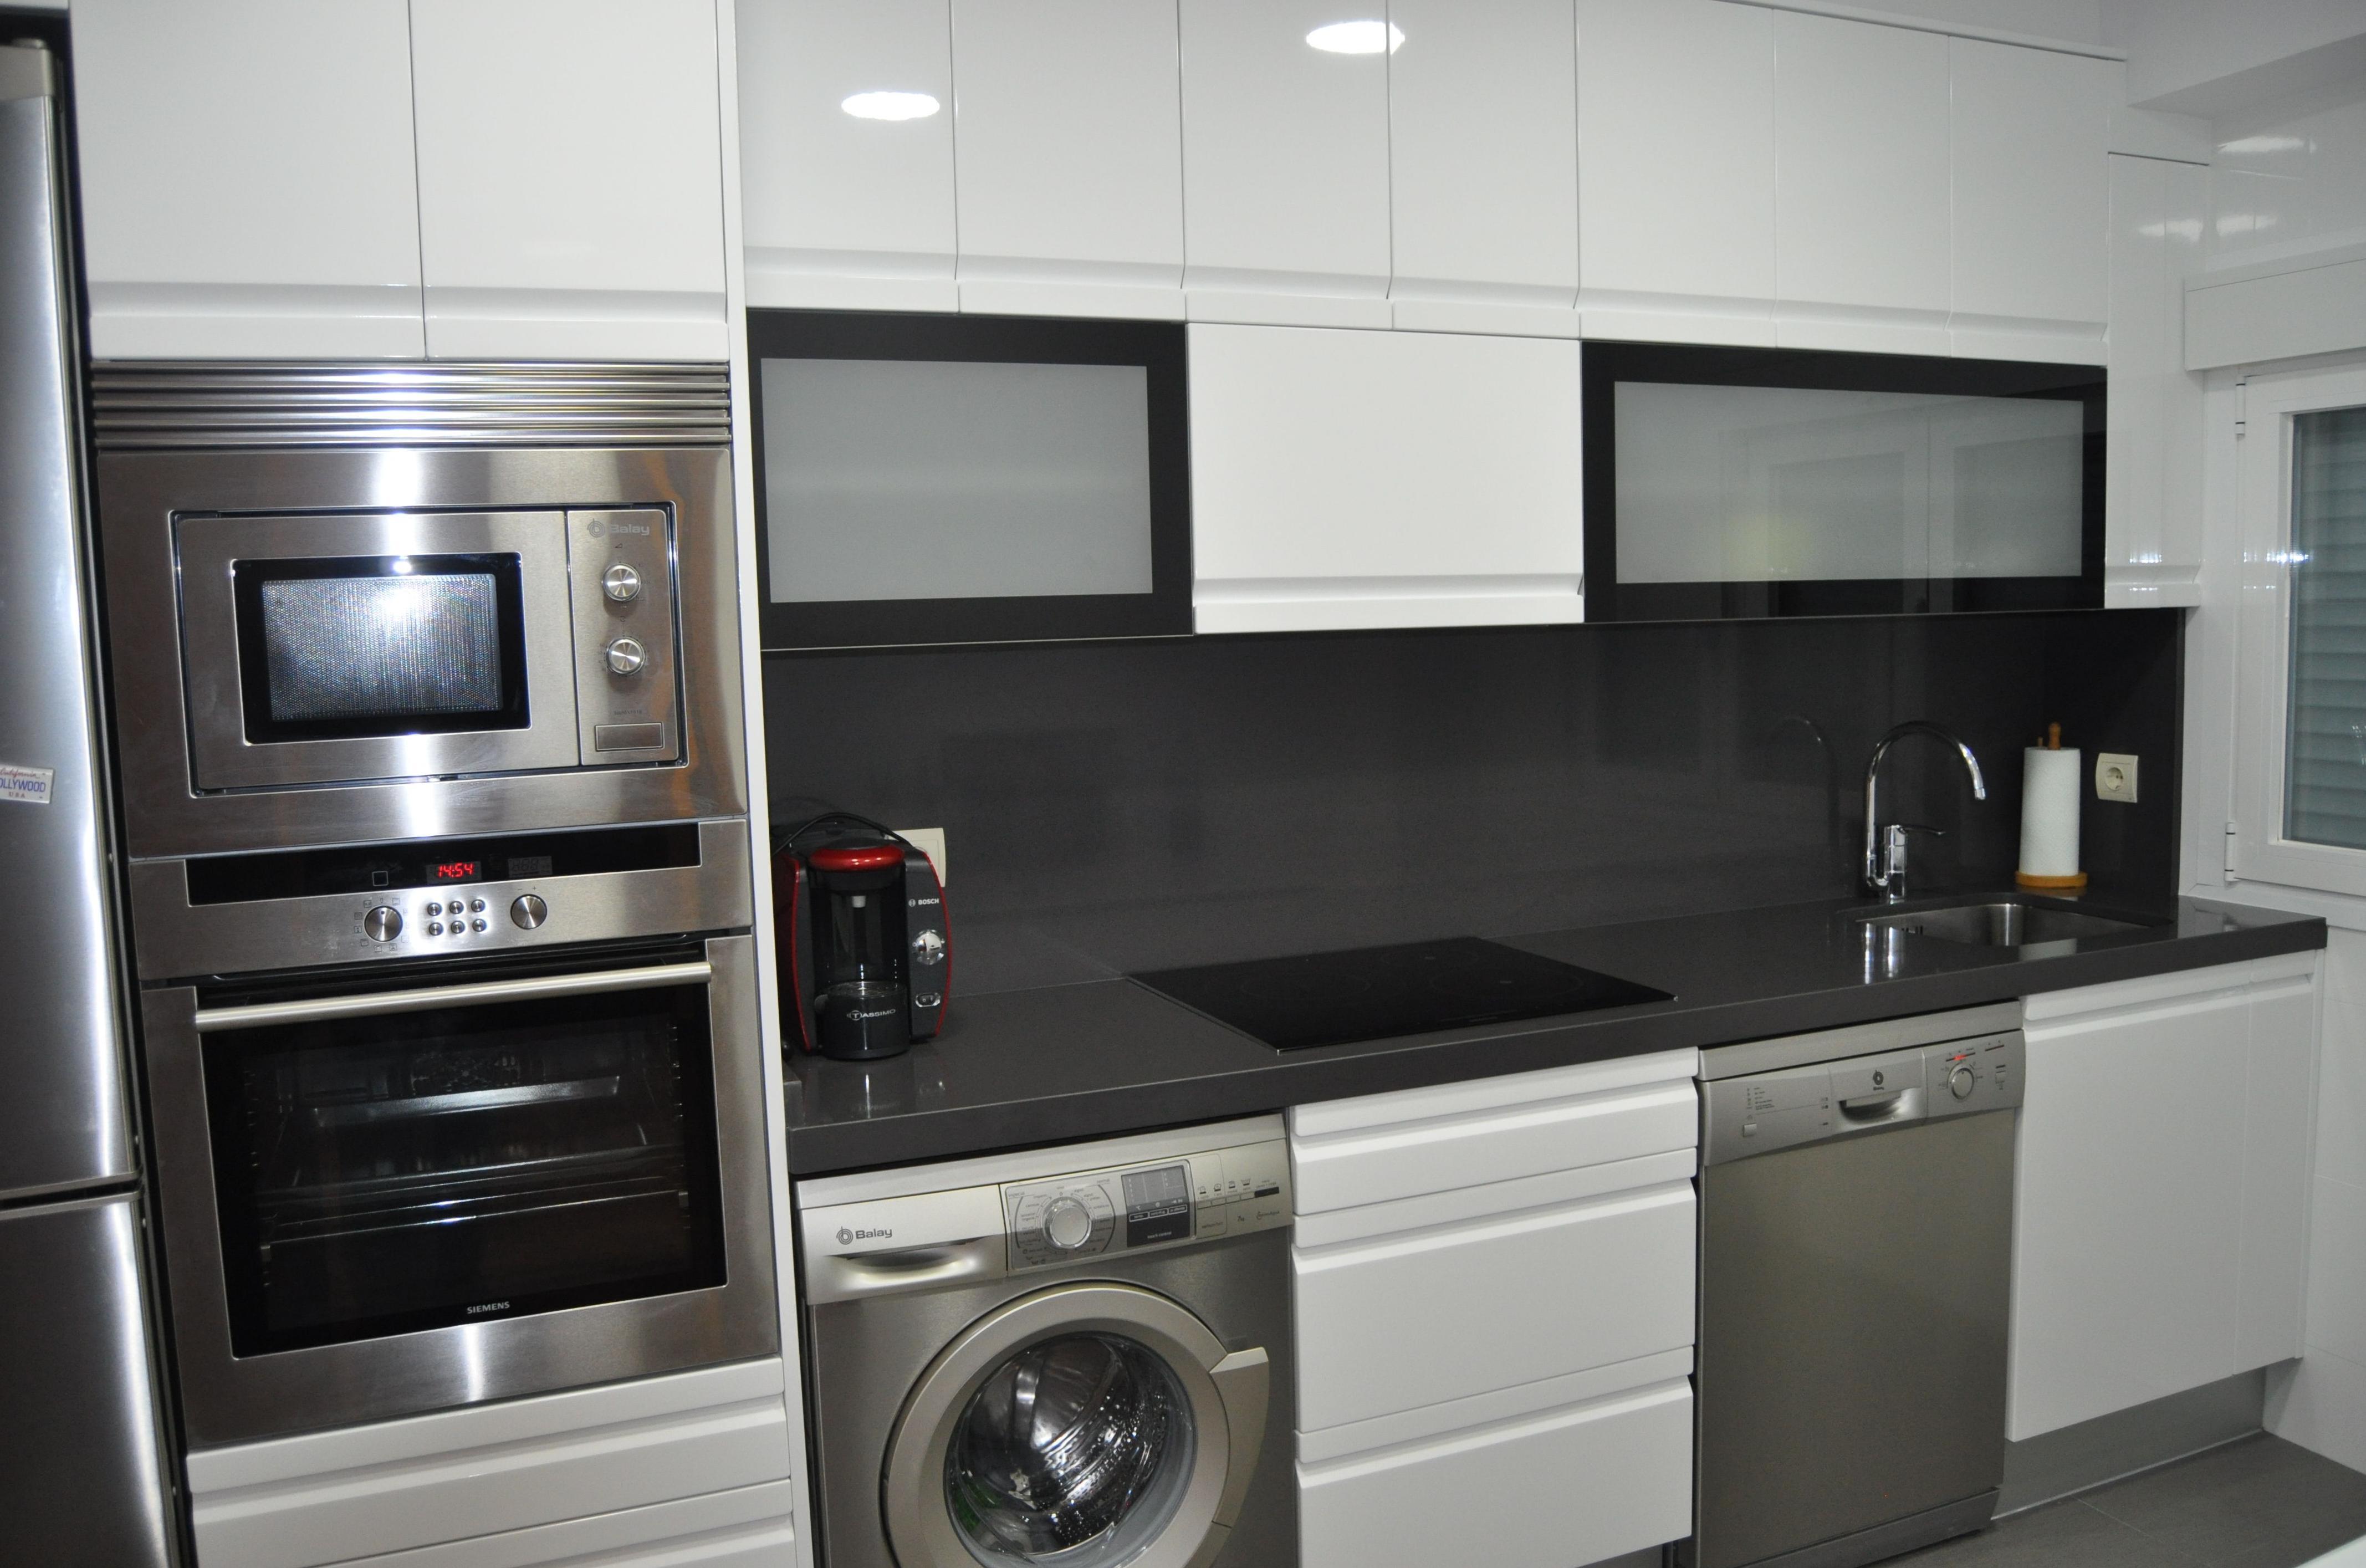 Foto 27 de Muebles de baño y cocina en Zaragoza | Decocina